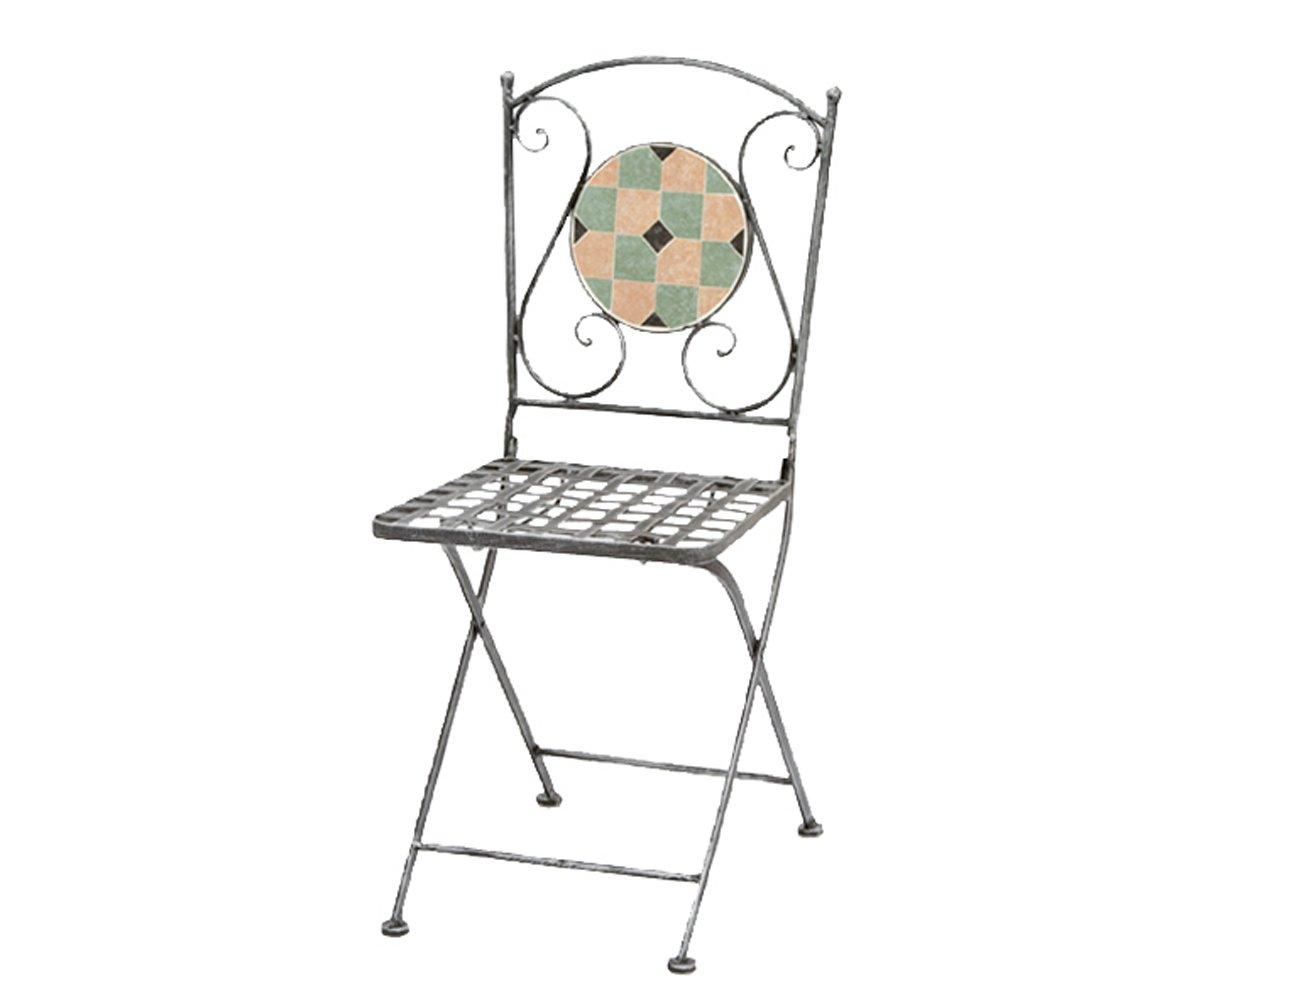 Siena Garden Klappstuhl Fiore,  silber-schwarz Mosaikoptik, L 37 x B 35 x H 91 cm online kaufen